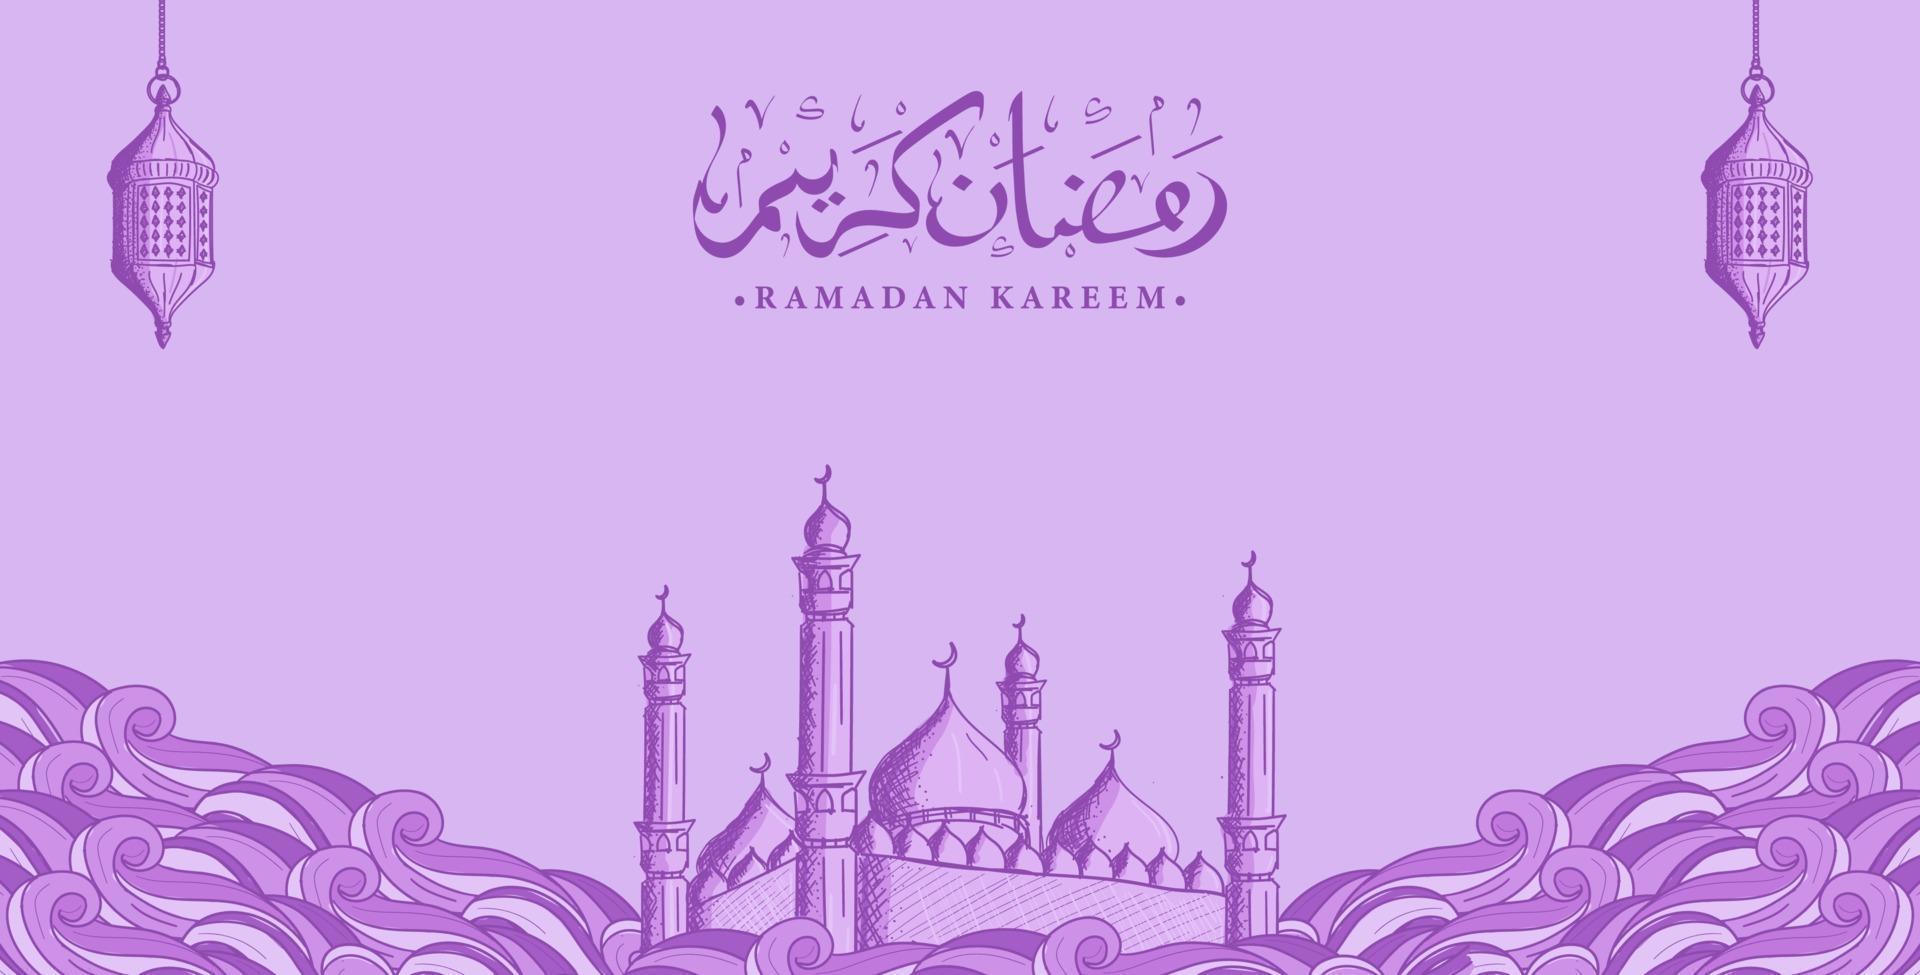 arabisk kalligrafi ramadan kareem med handritad moskéillustration vektor